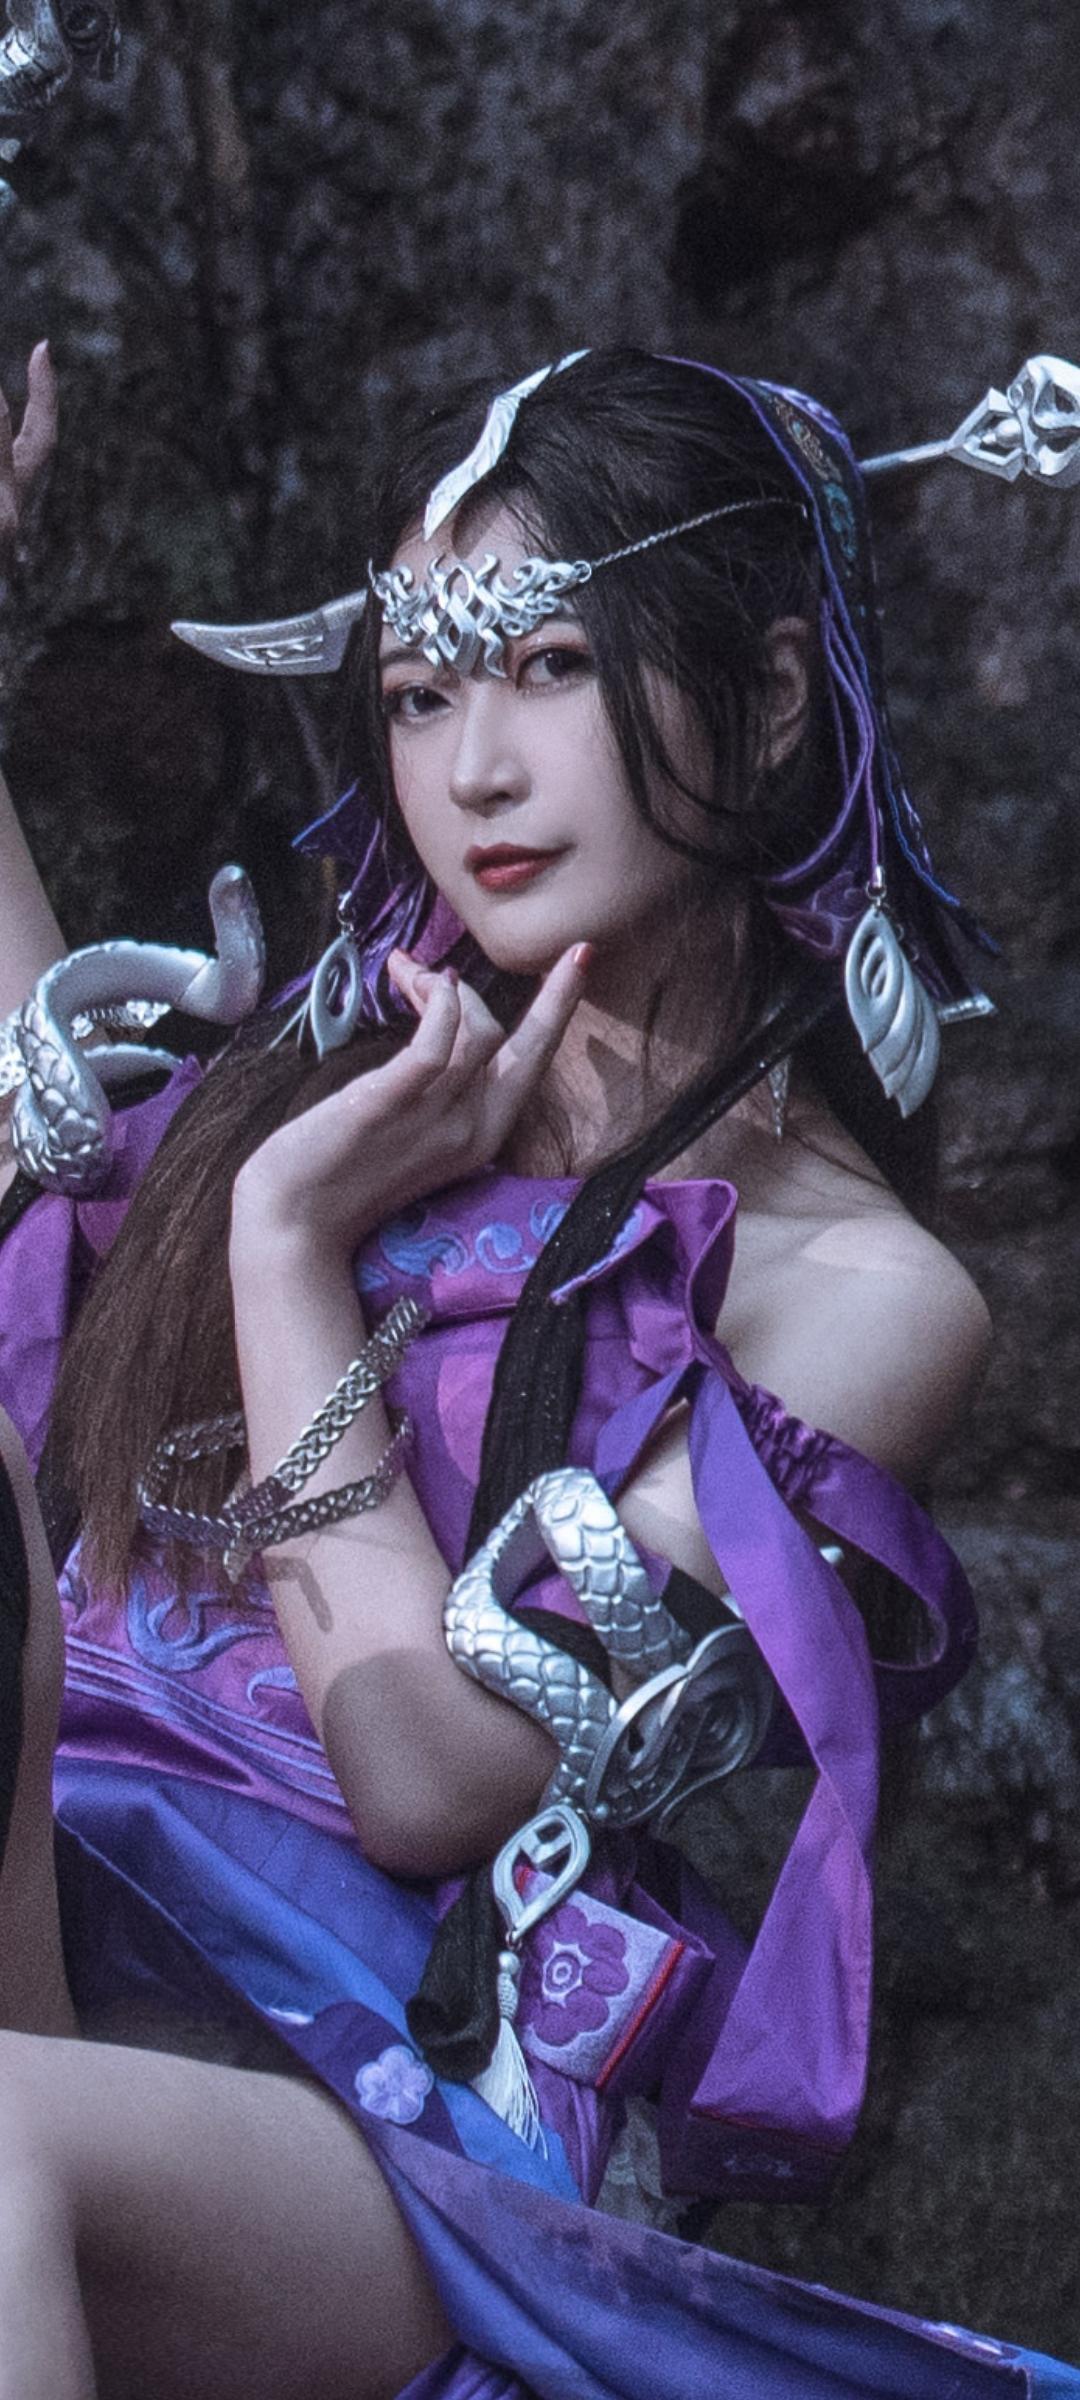 《剑侠情缘网络版叁》游戏cosplay【CN:挽挽今天修图了么】-第12张